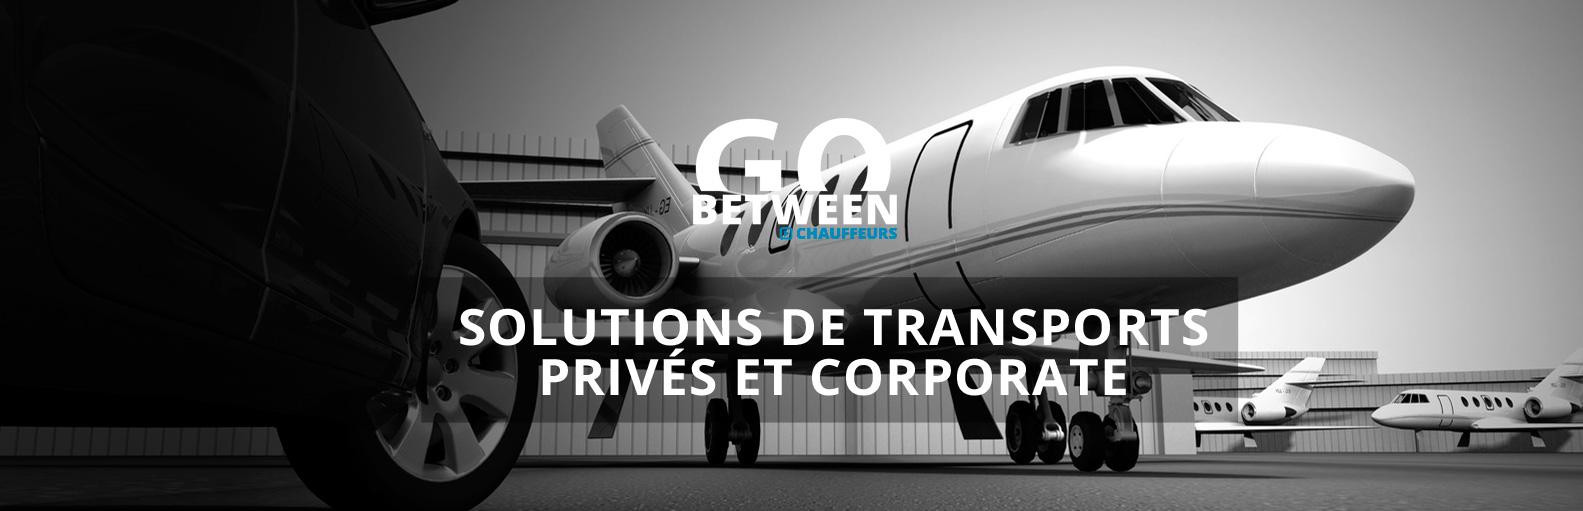 Transports privés transports corporate transport entreprise chauffeur privé VTC avec ou sans voiture